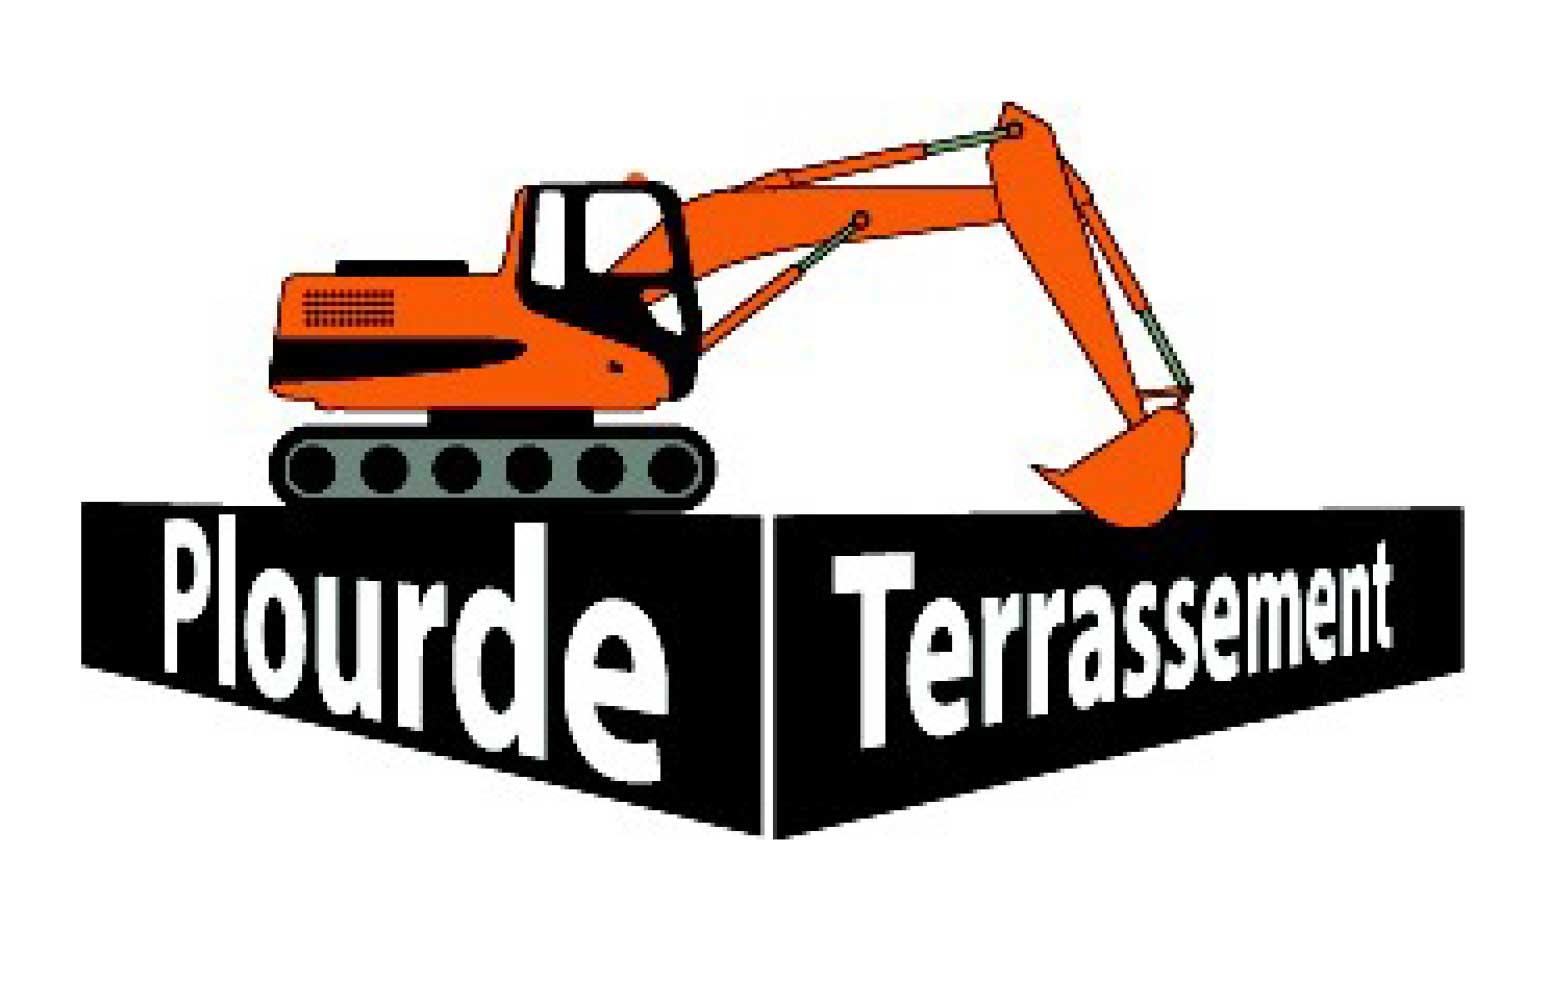 Plourde Terrassement à Caillouet-Orgeville dans l'Eure (27)